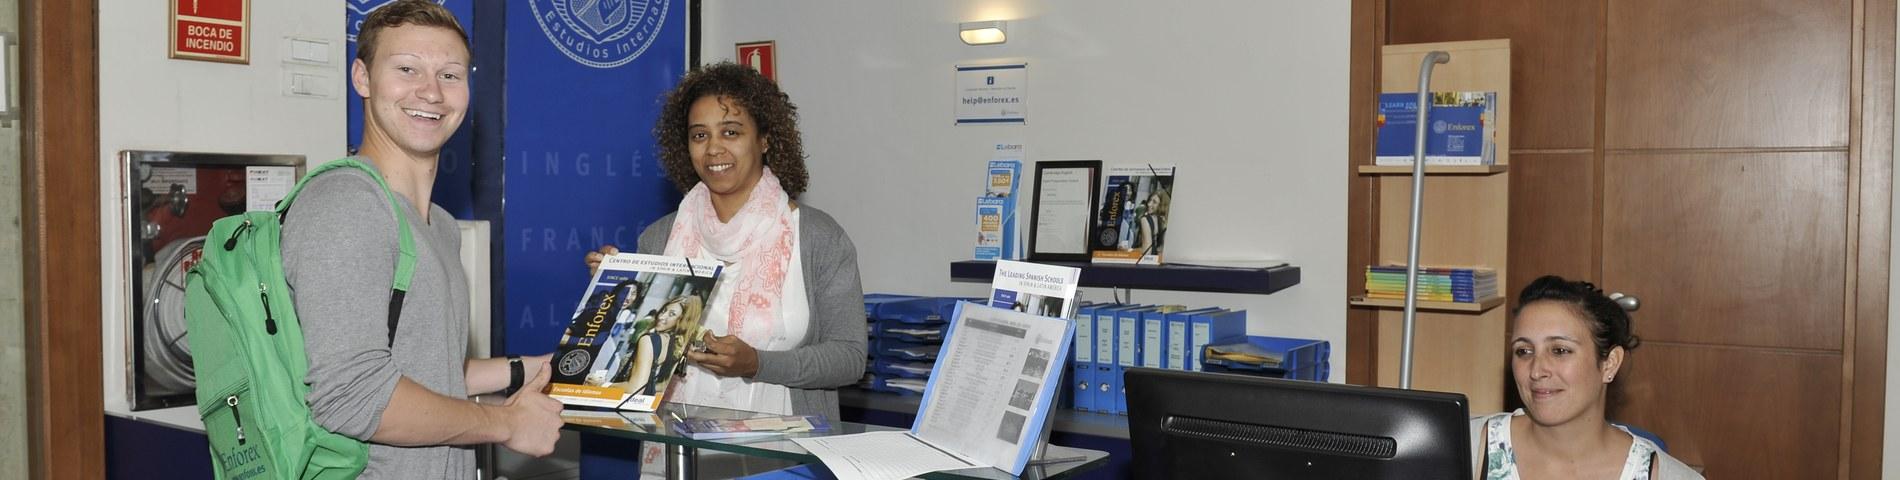 Enforex madrid escuela de idiomas